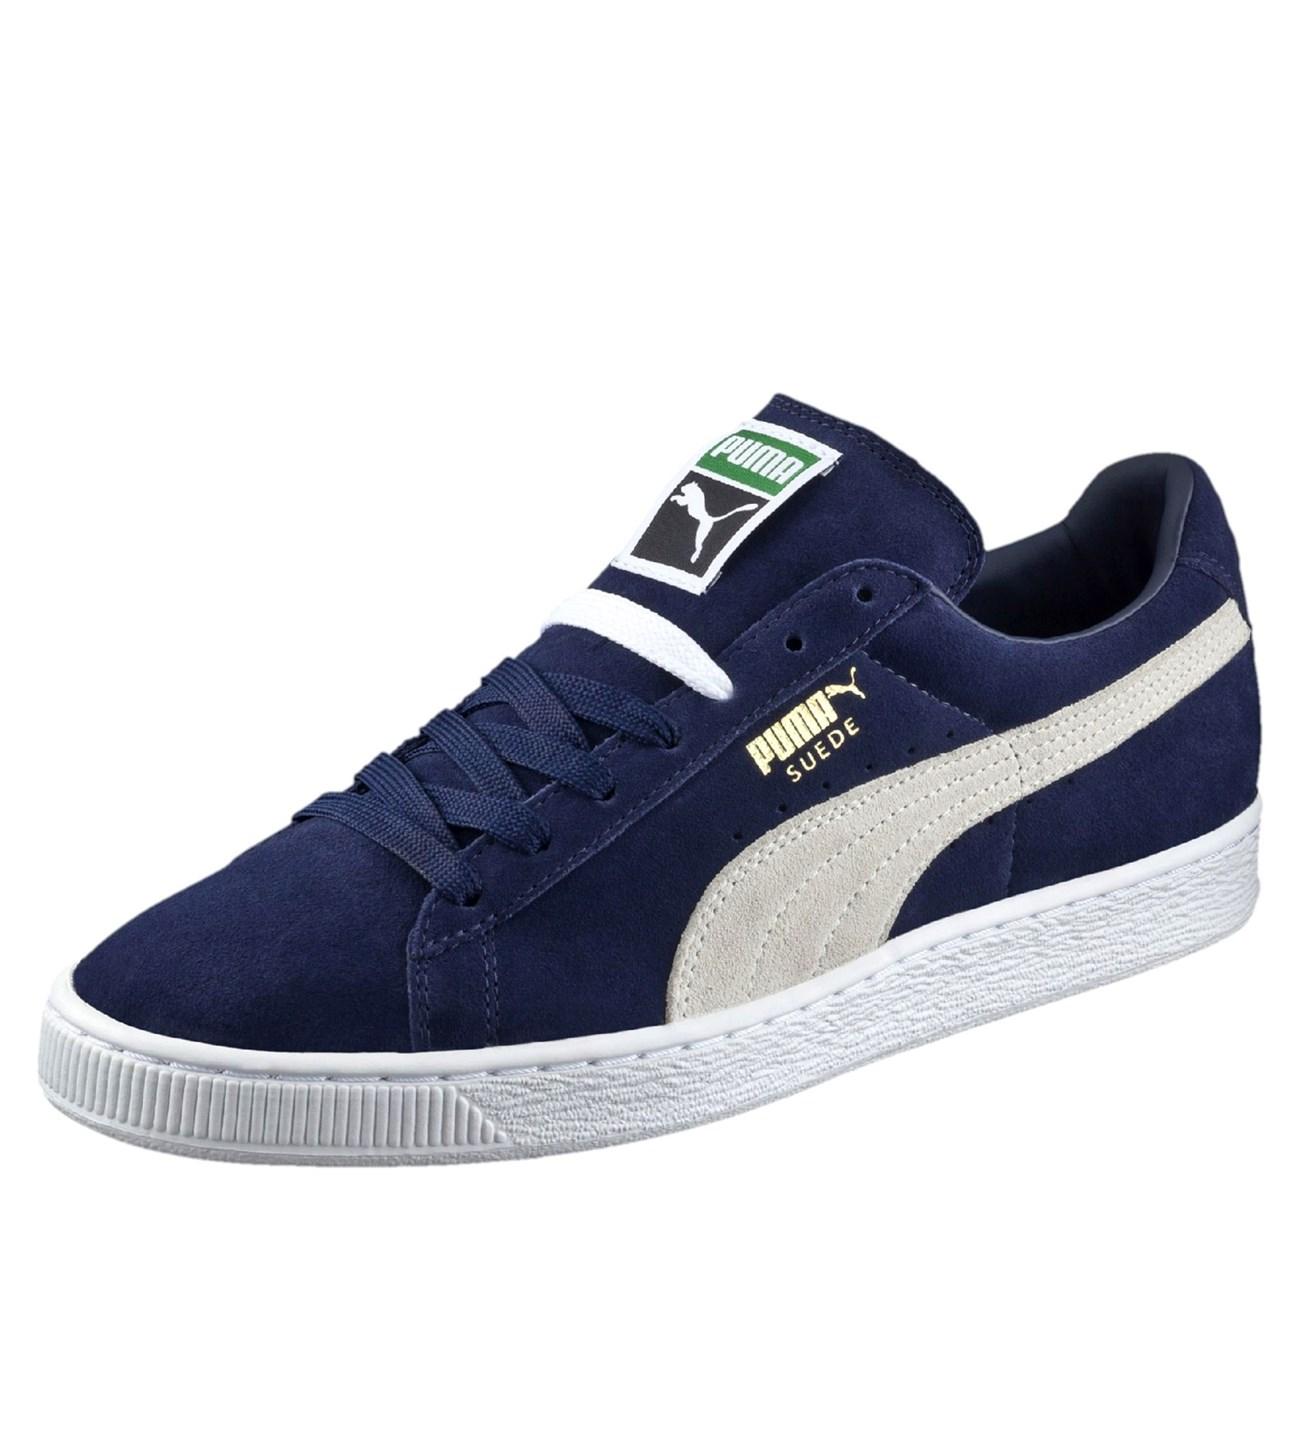 Puma Suede Classic Erkek Spor Ayakkabı 35656851